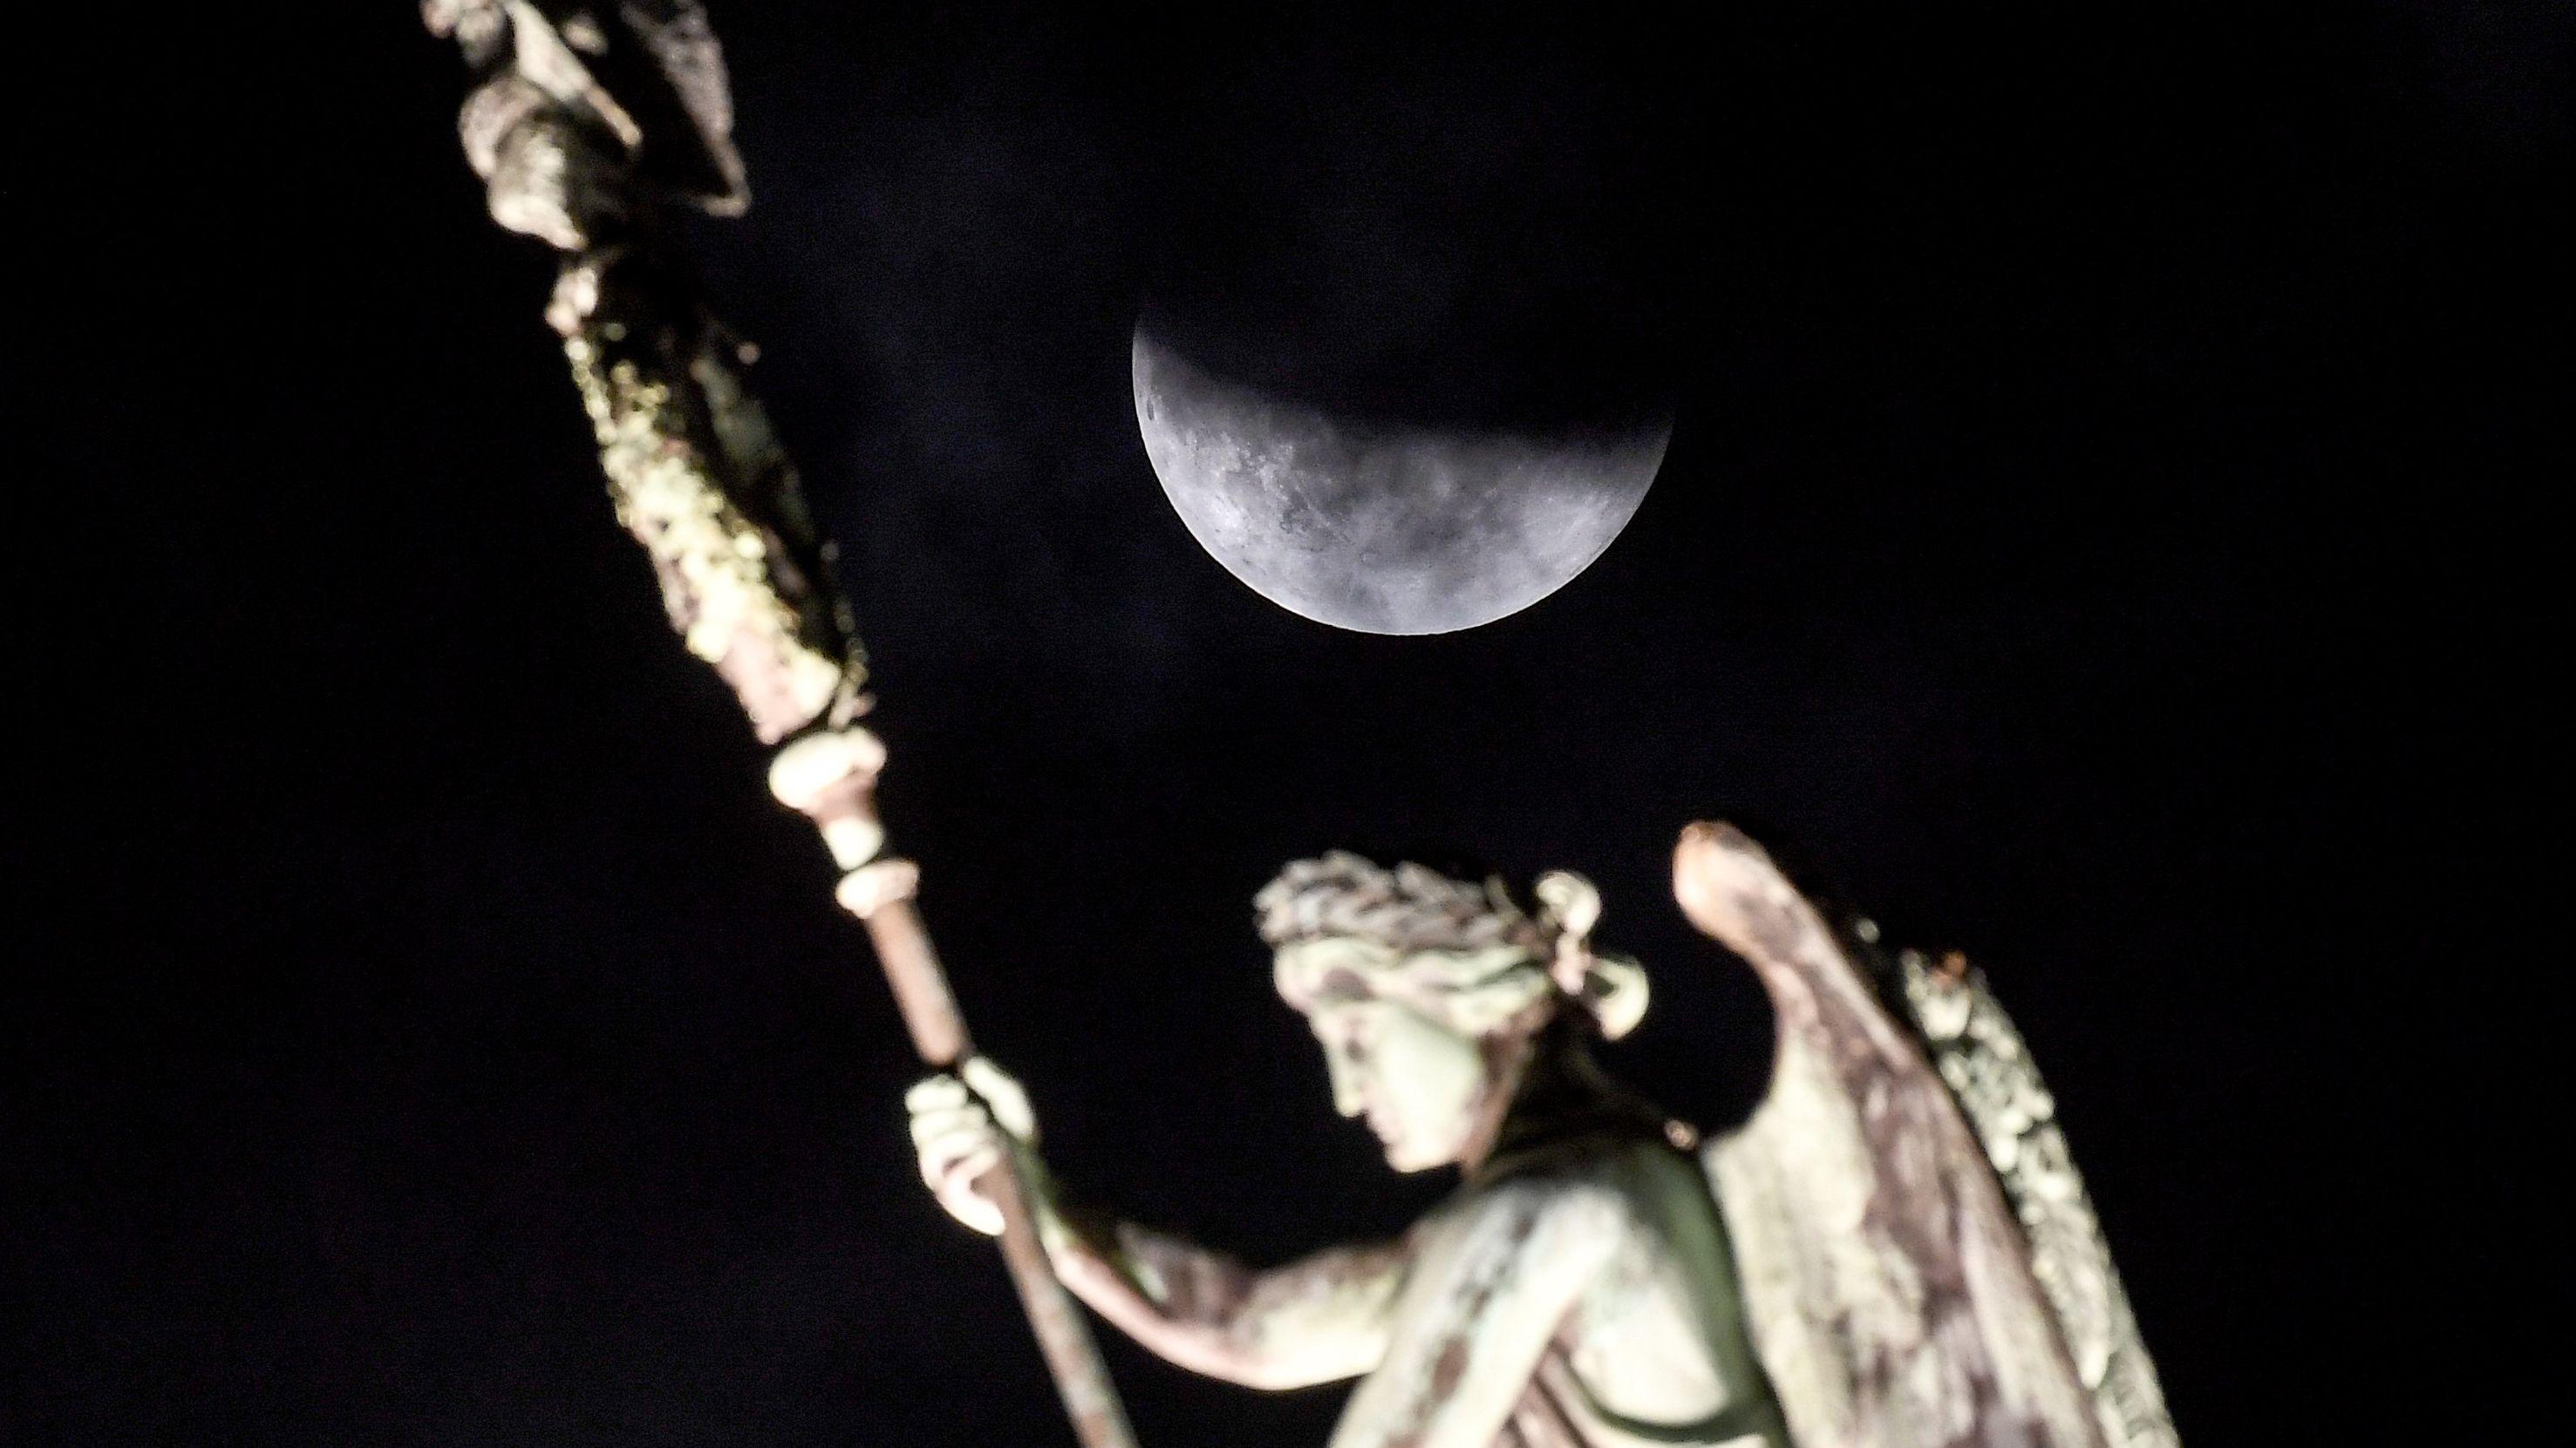 Berlin: Der Mond ist während einer partiellen Mondfinsternis hinter der Quadriga des Brandenburger Tors zu sehen.